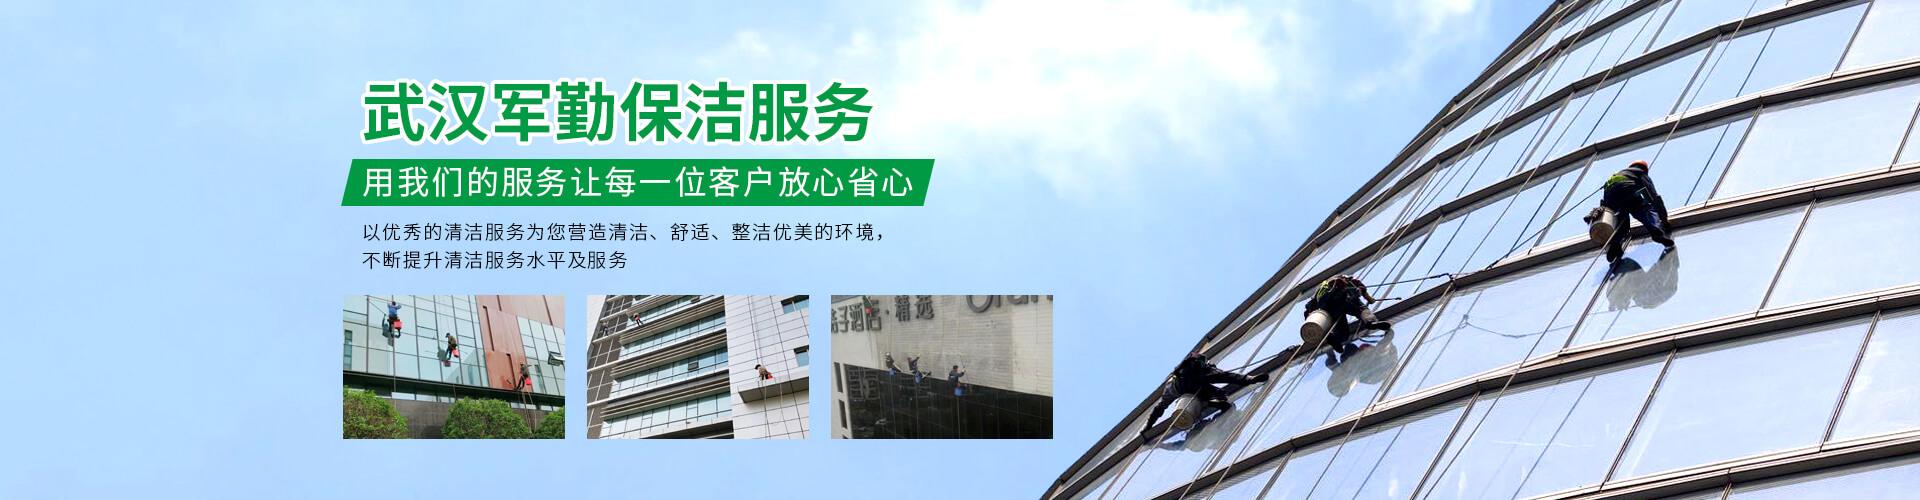 武汉专业外墙清洗